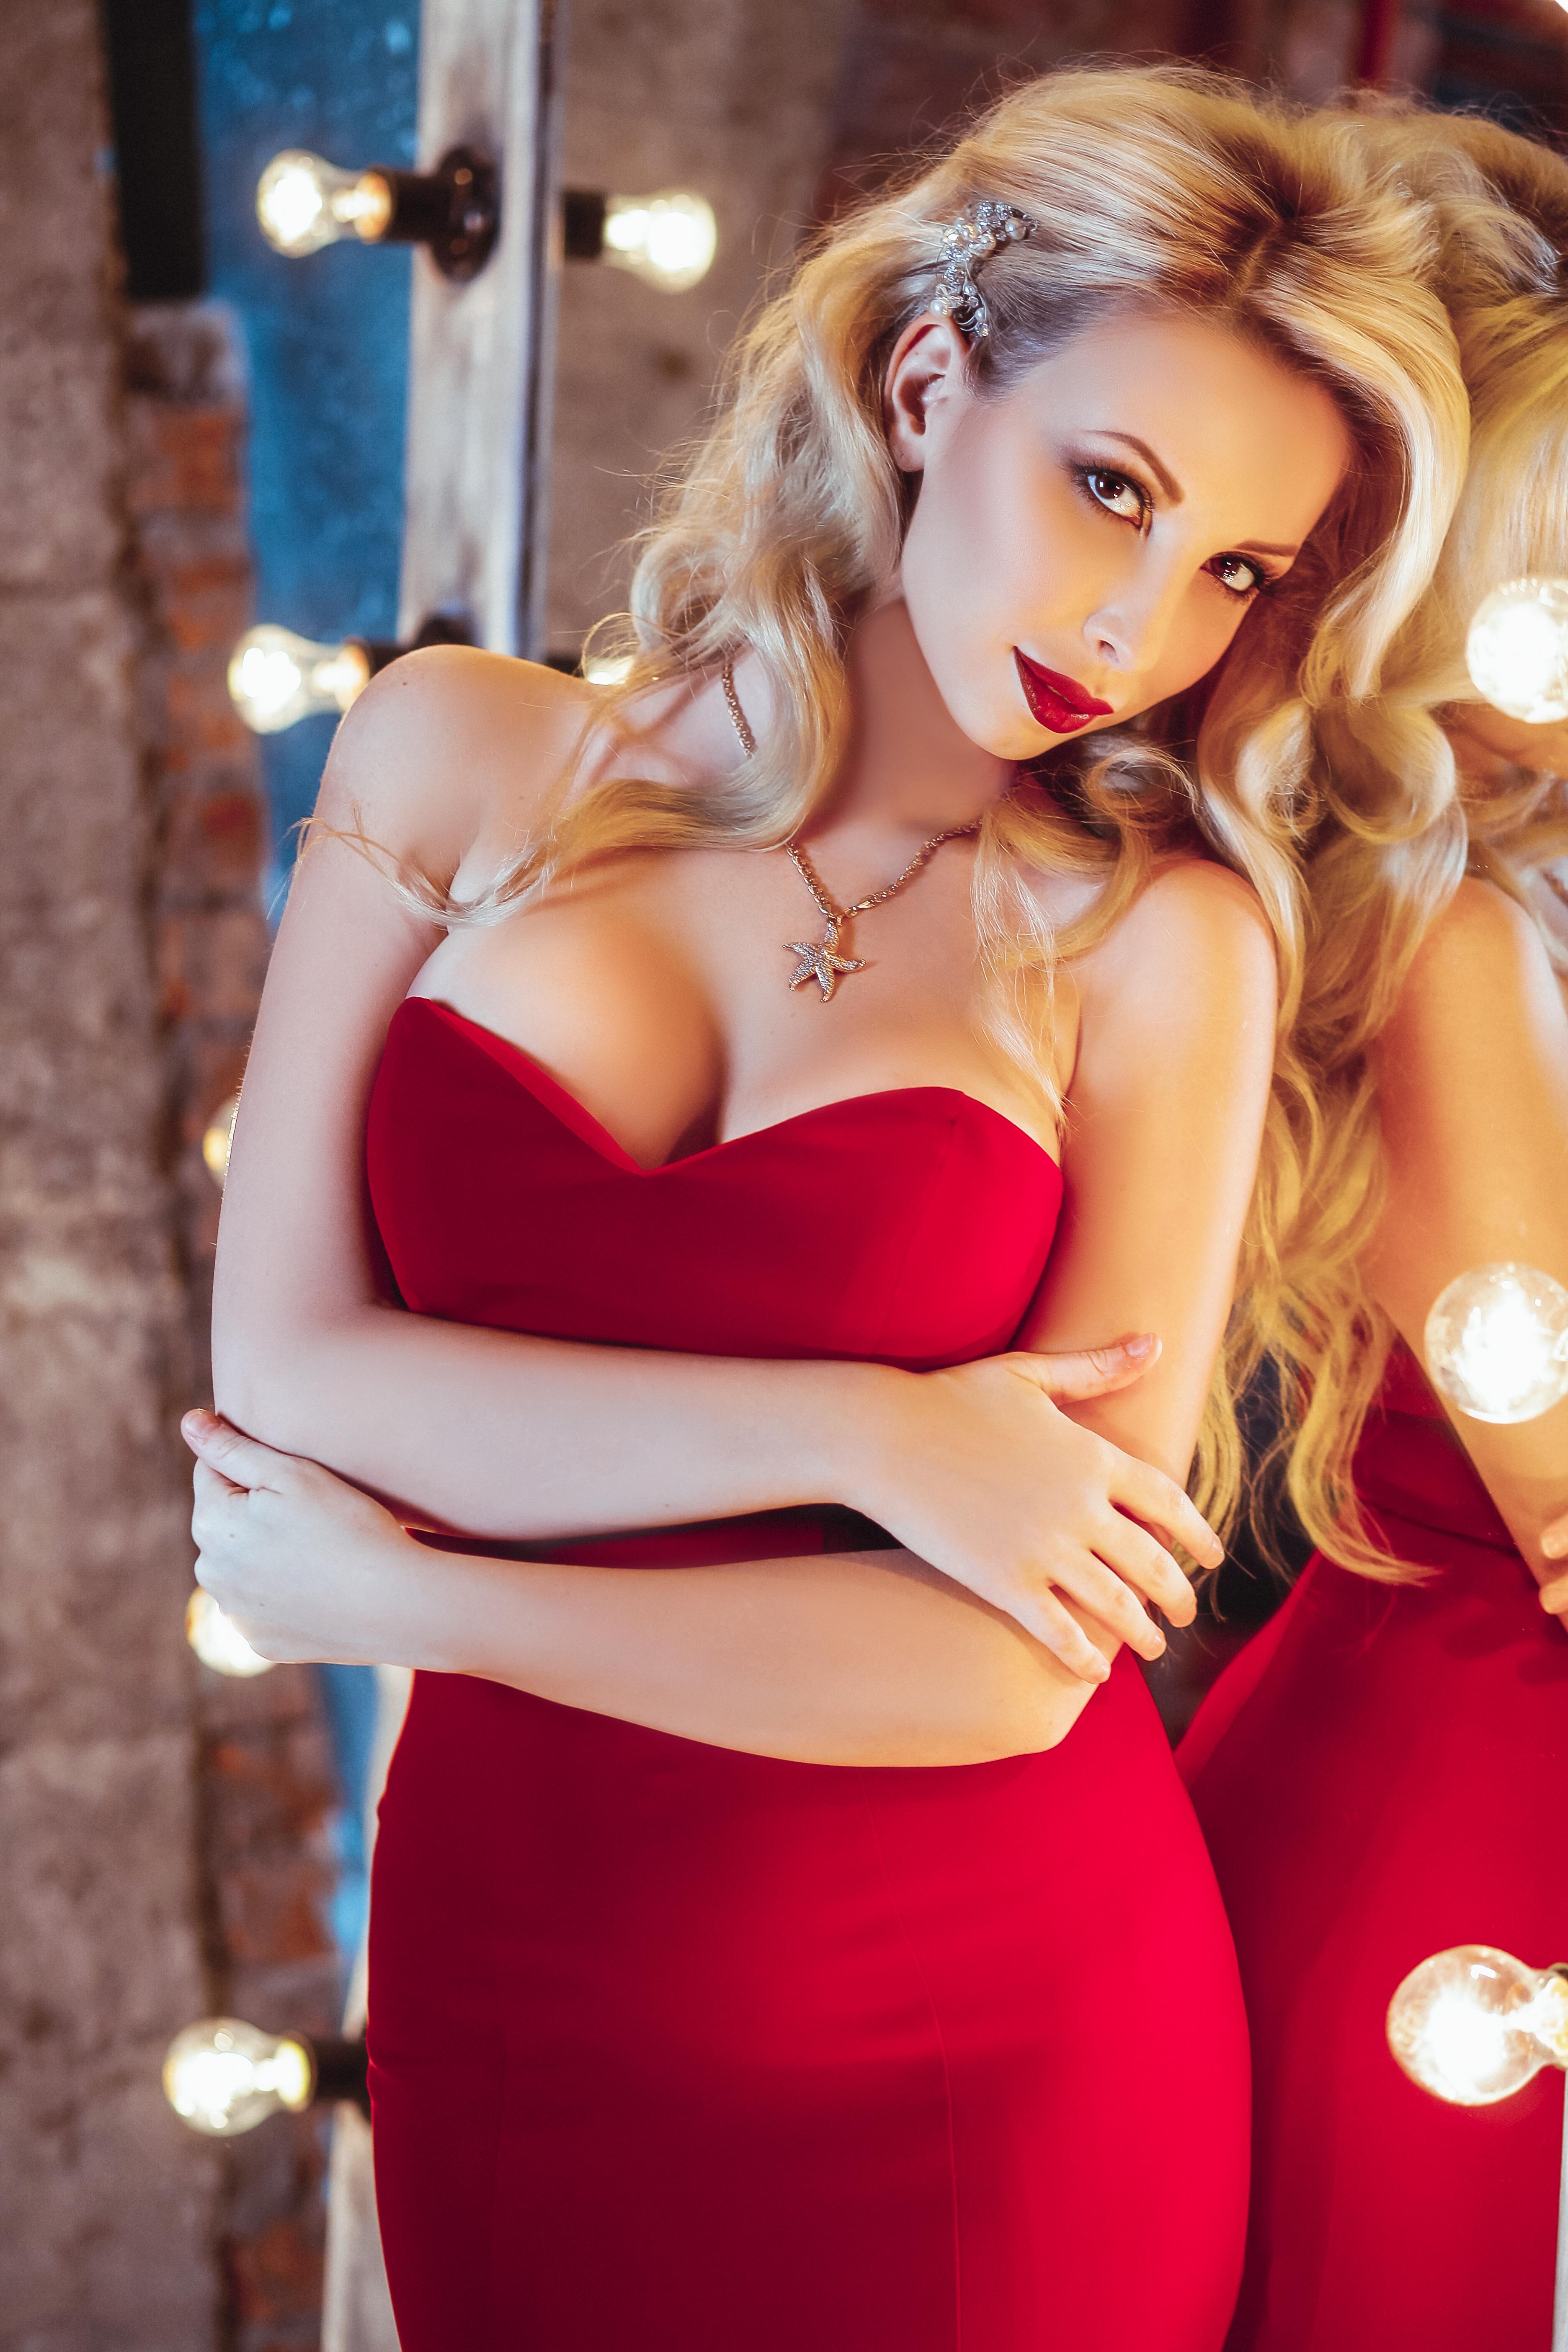 утонченная блондинка в красном длинном платье